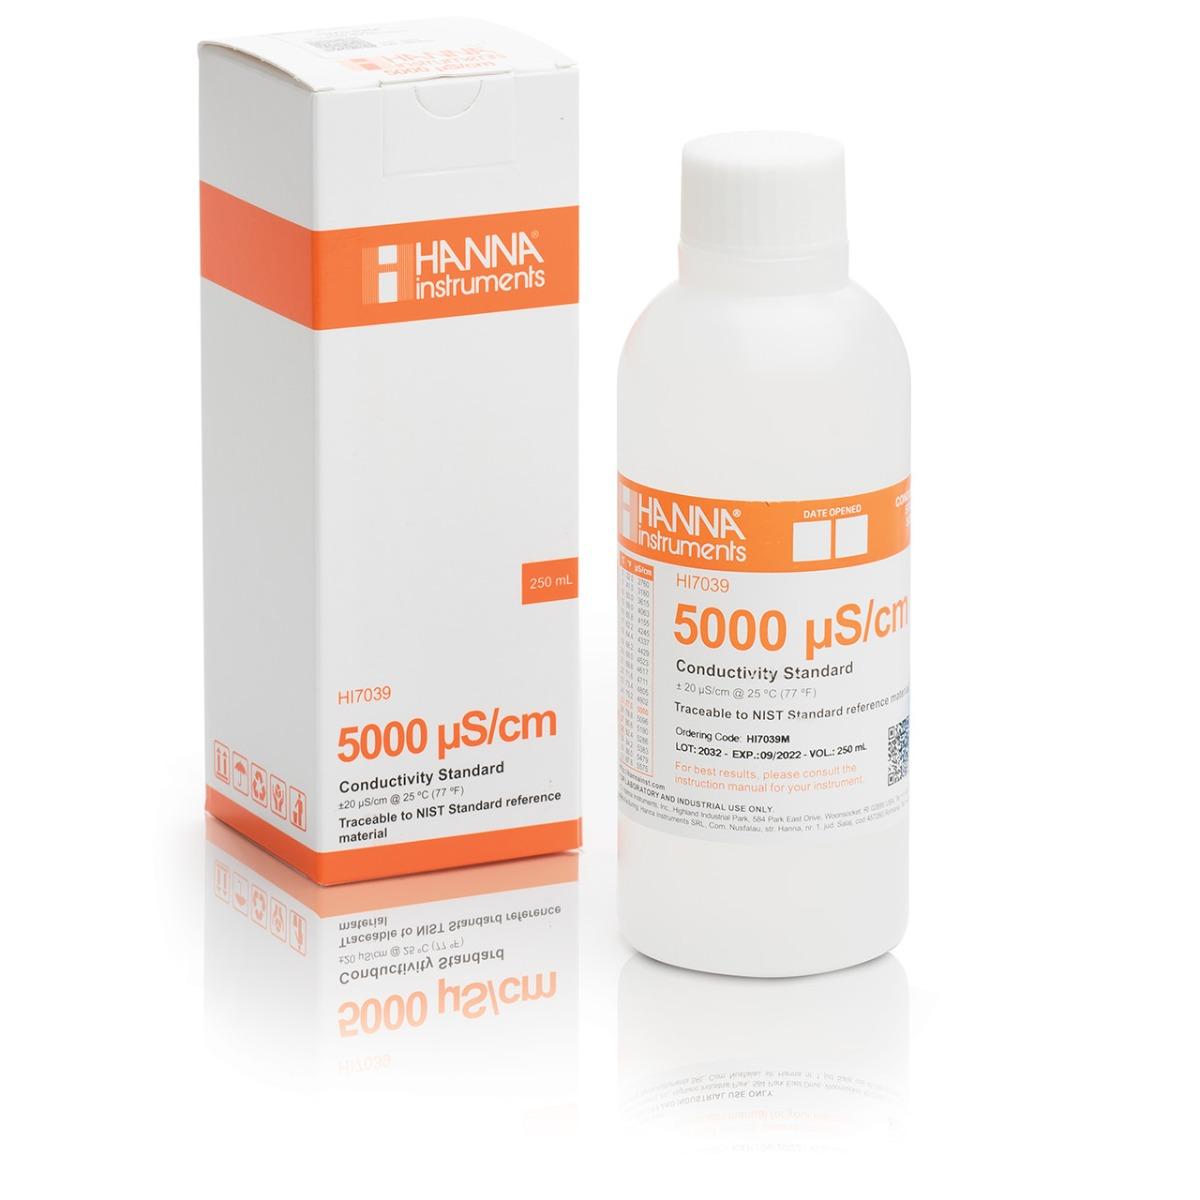 Soluzione standard di conducibilità 5000 µS/cm (flacone da 230 mL) - HI7039M